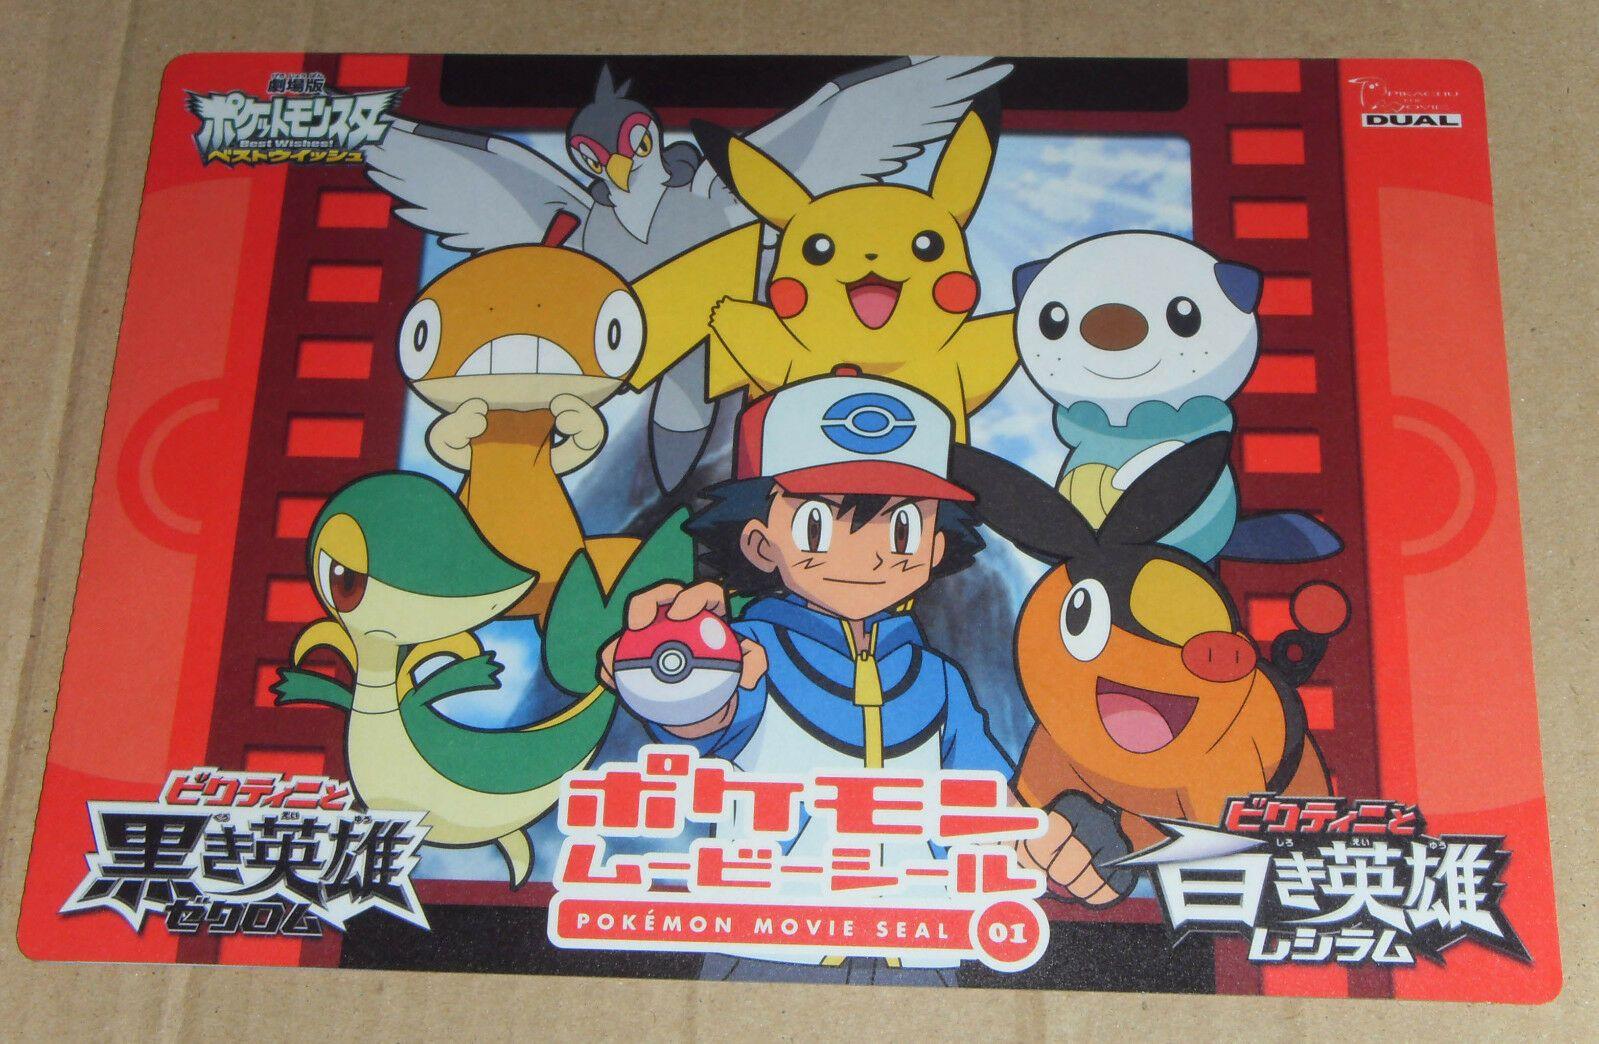 Japanese Pokemon Bandai Sealdass Jumbo Movie Victini & Zekrom/Reshiram Sheet #01